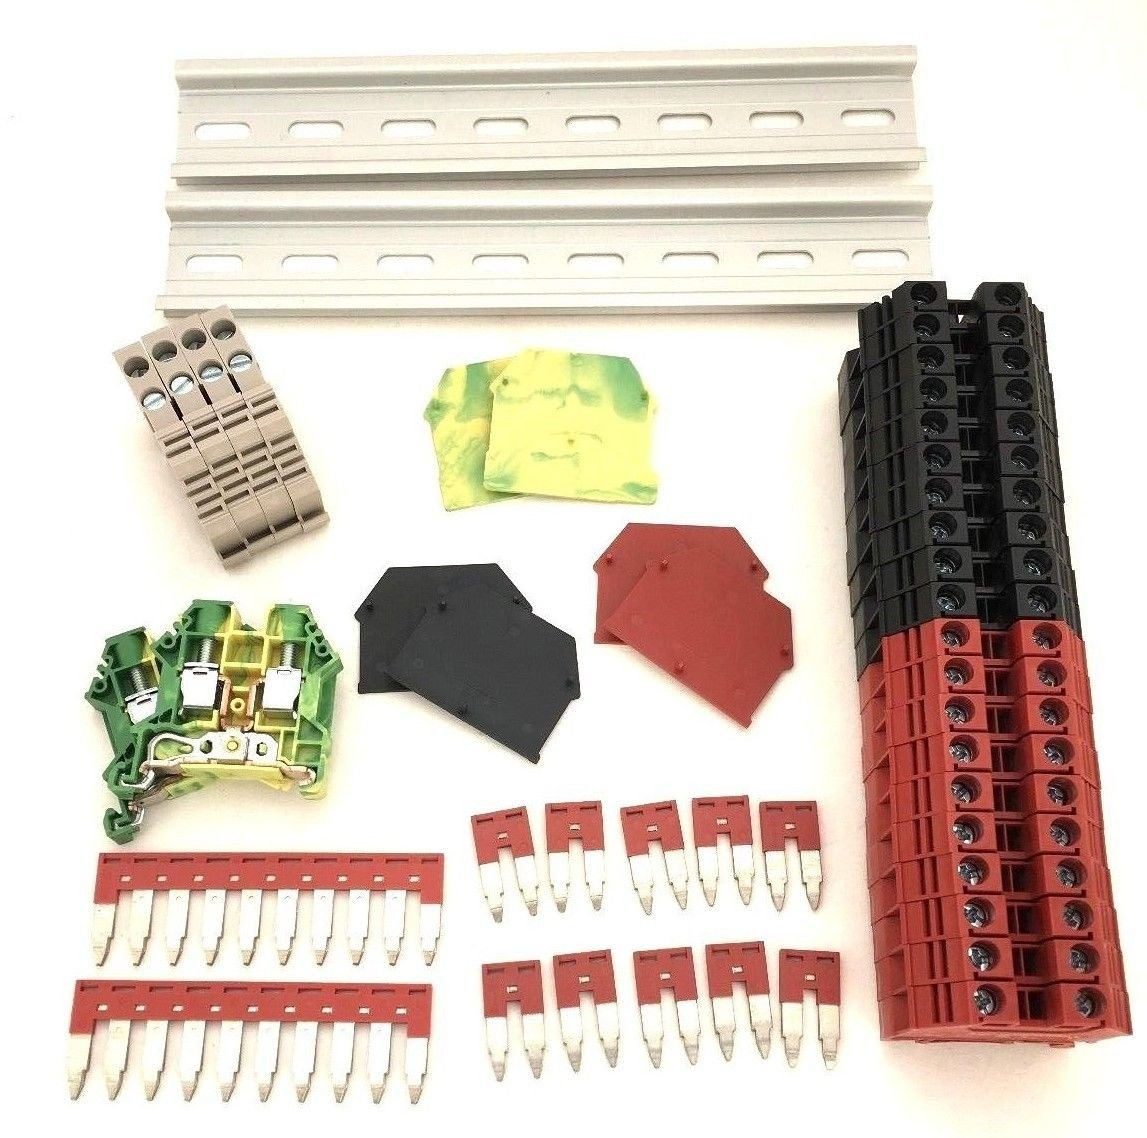 Red/Black DIN Rail Terminal Block Kit Dinkle 20 DK6N 8 AWG Gauge 50A 600V Ground DK6N-PE Jumper DSS6N-02P DSS6N-10P End Covers End Brackets by Dinkle